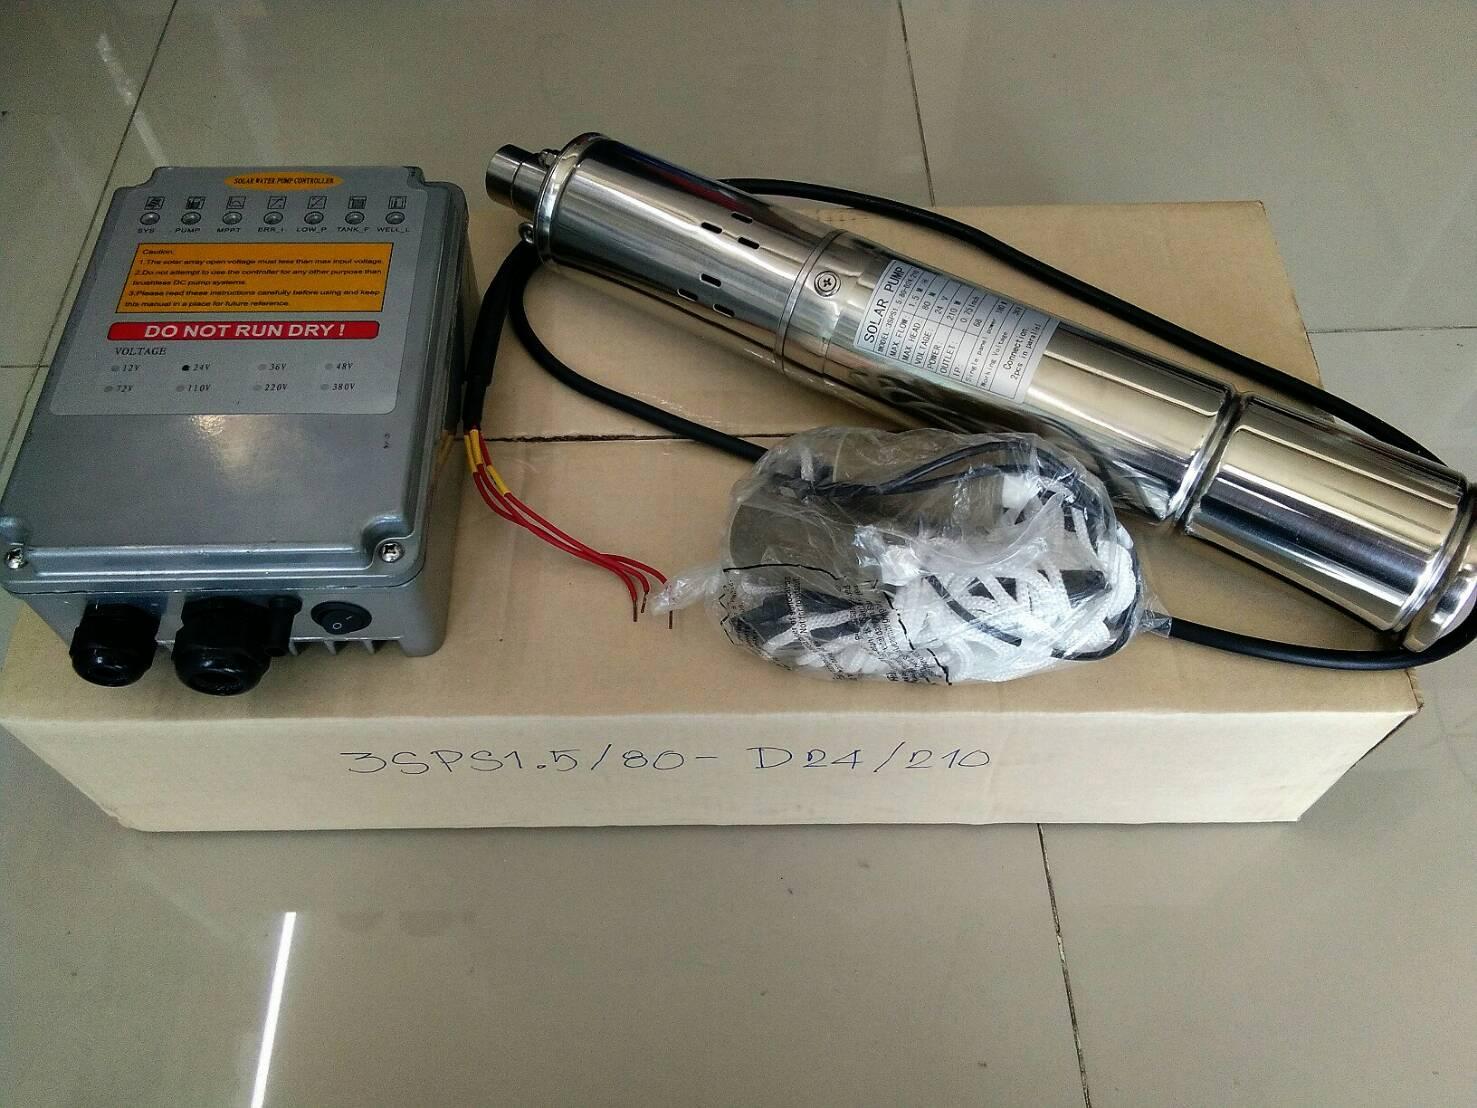 โซล่าปั๊ม (Solar Pump) ชนิด Submersible รุ่น STC-3SPS2.3/80-D48/1000